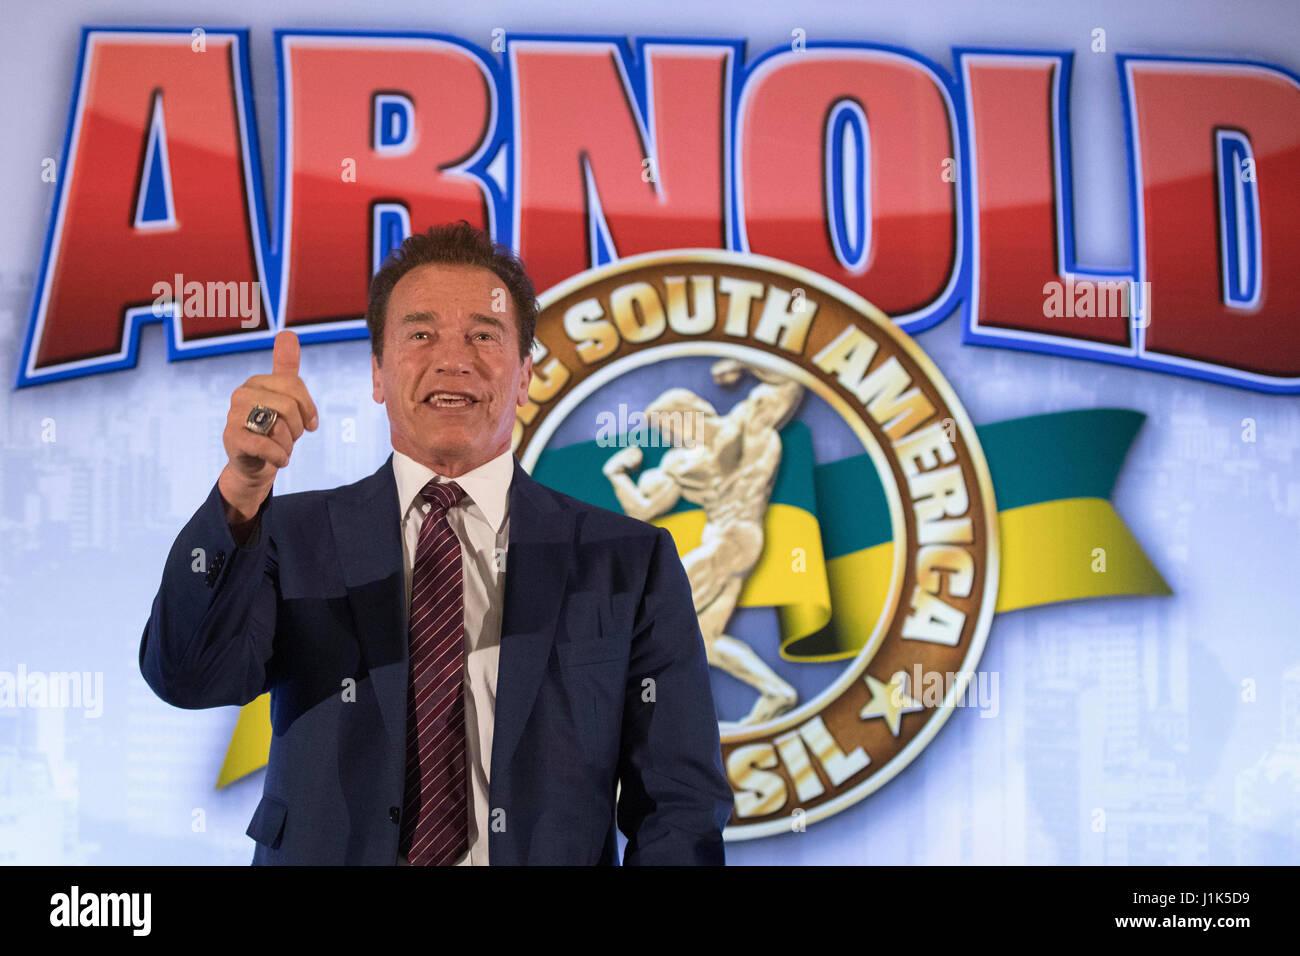 Noi attore e body builder Arnold Schwarzenegger Sorrisi durante una conferenza stampa per presentare il brasiliano Immagini Stock